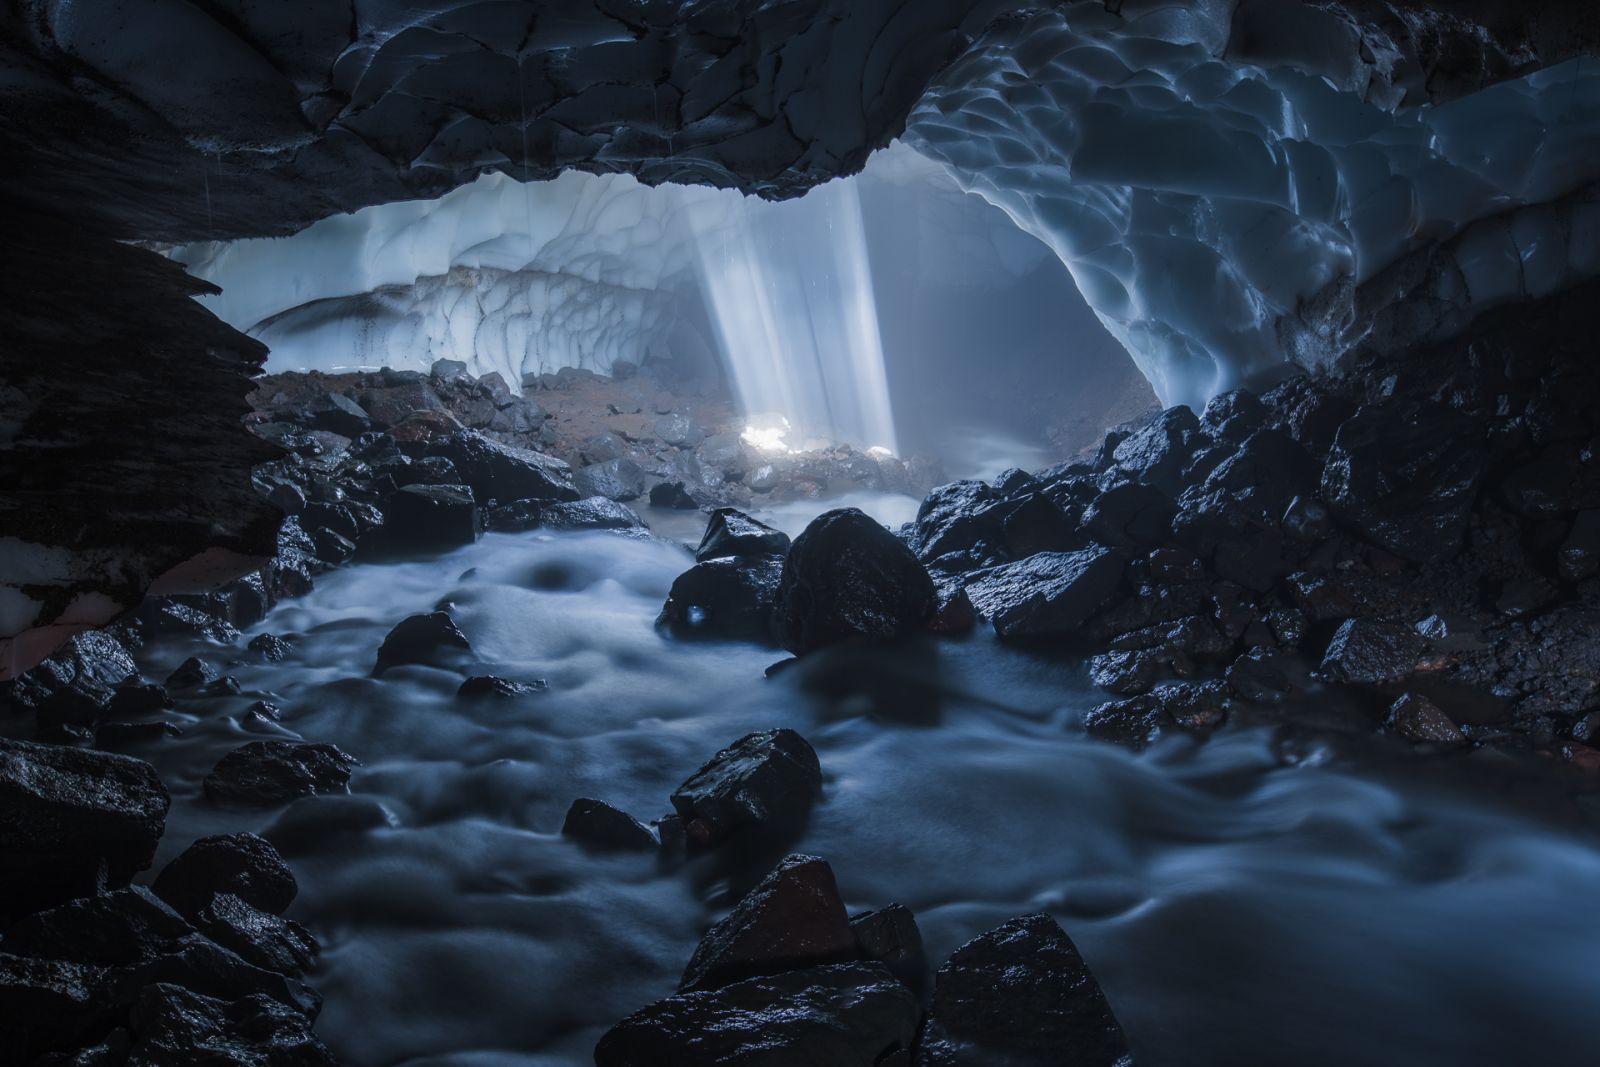 Ледяная река, Марина Маликова, Место съемки: Камчатка, Номинация «Пещеры России», Фотоконкурс «Самая красива страна»